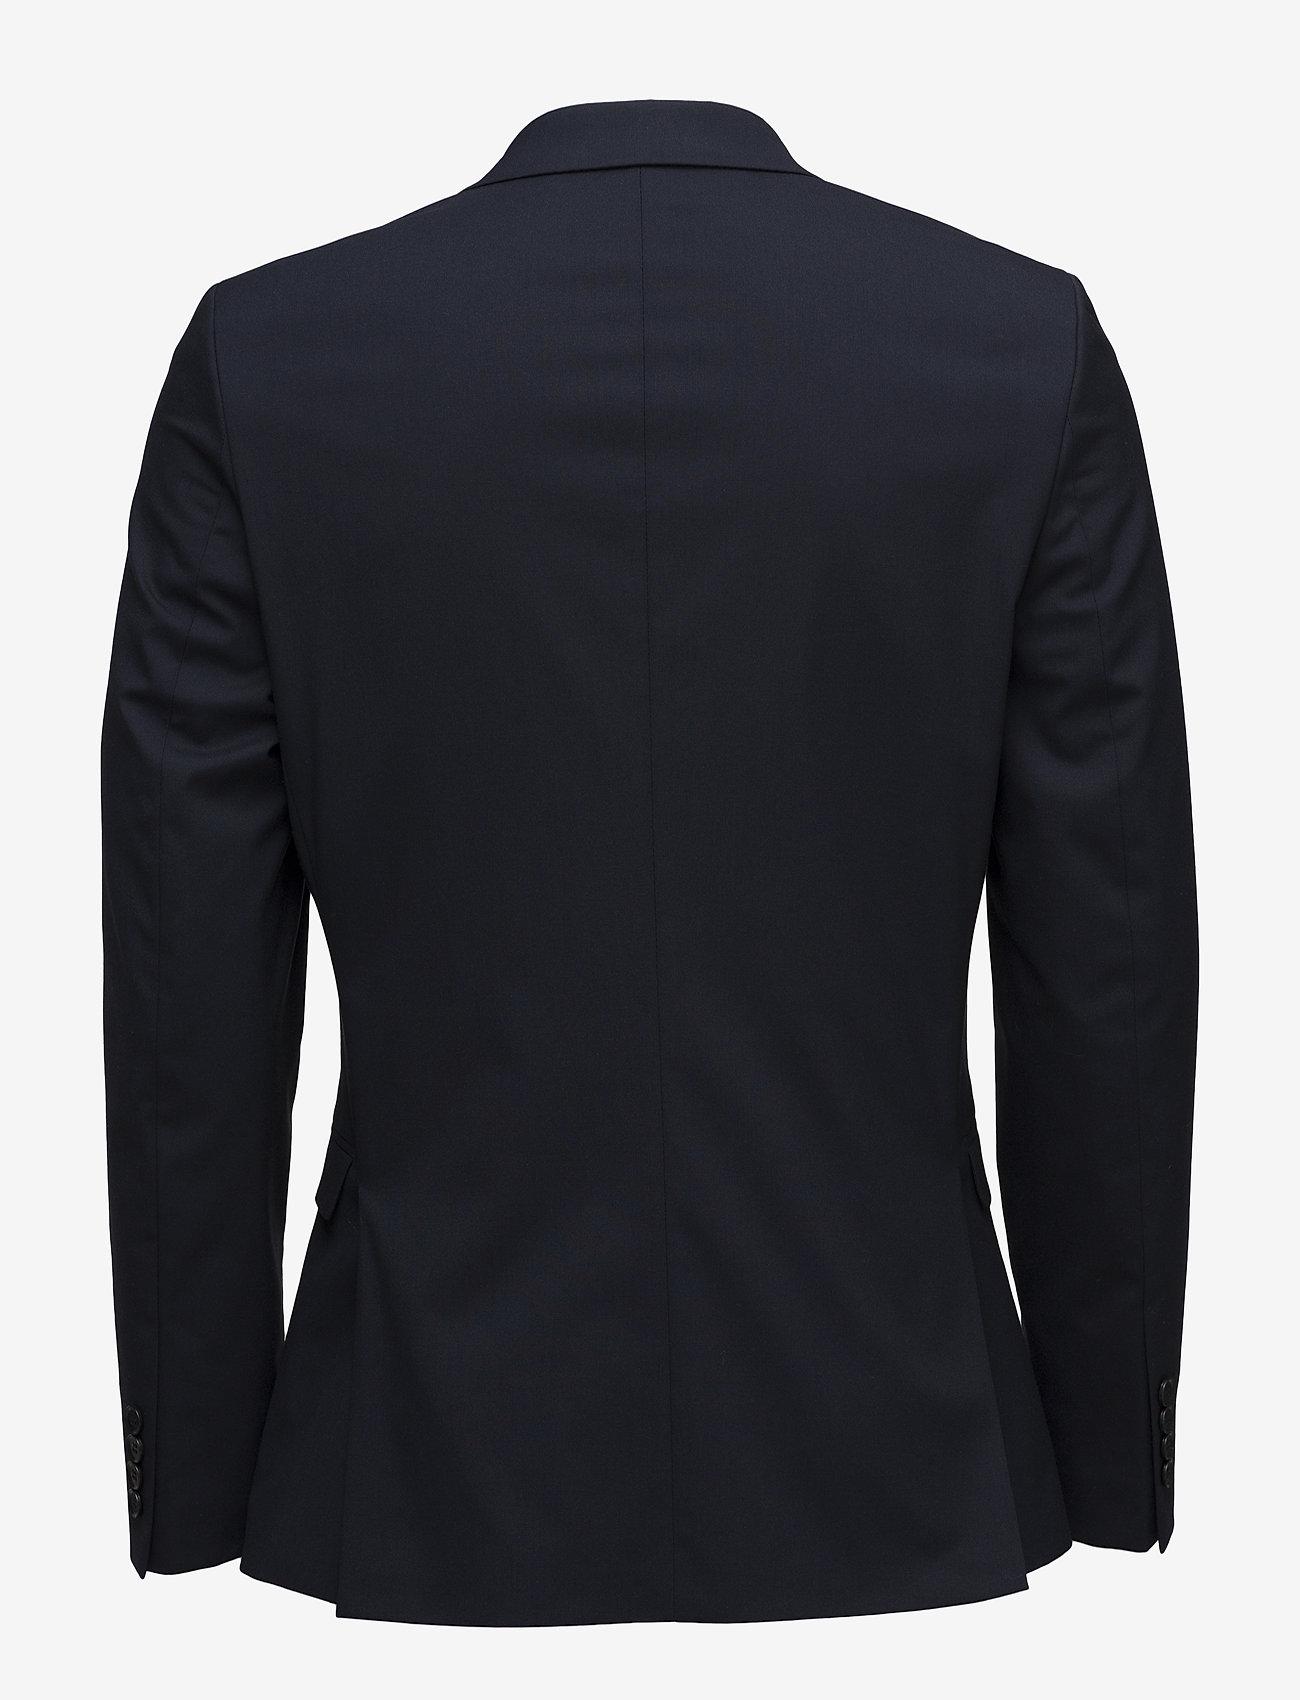 Selected Homme - SLHSLIM-MYLOLOGAN NAVY BLAZER B NOOS - enkelknäppta kostymer - navy blazer - 1